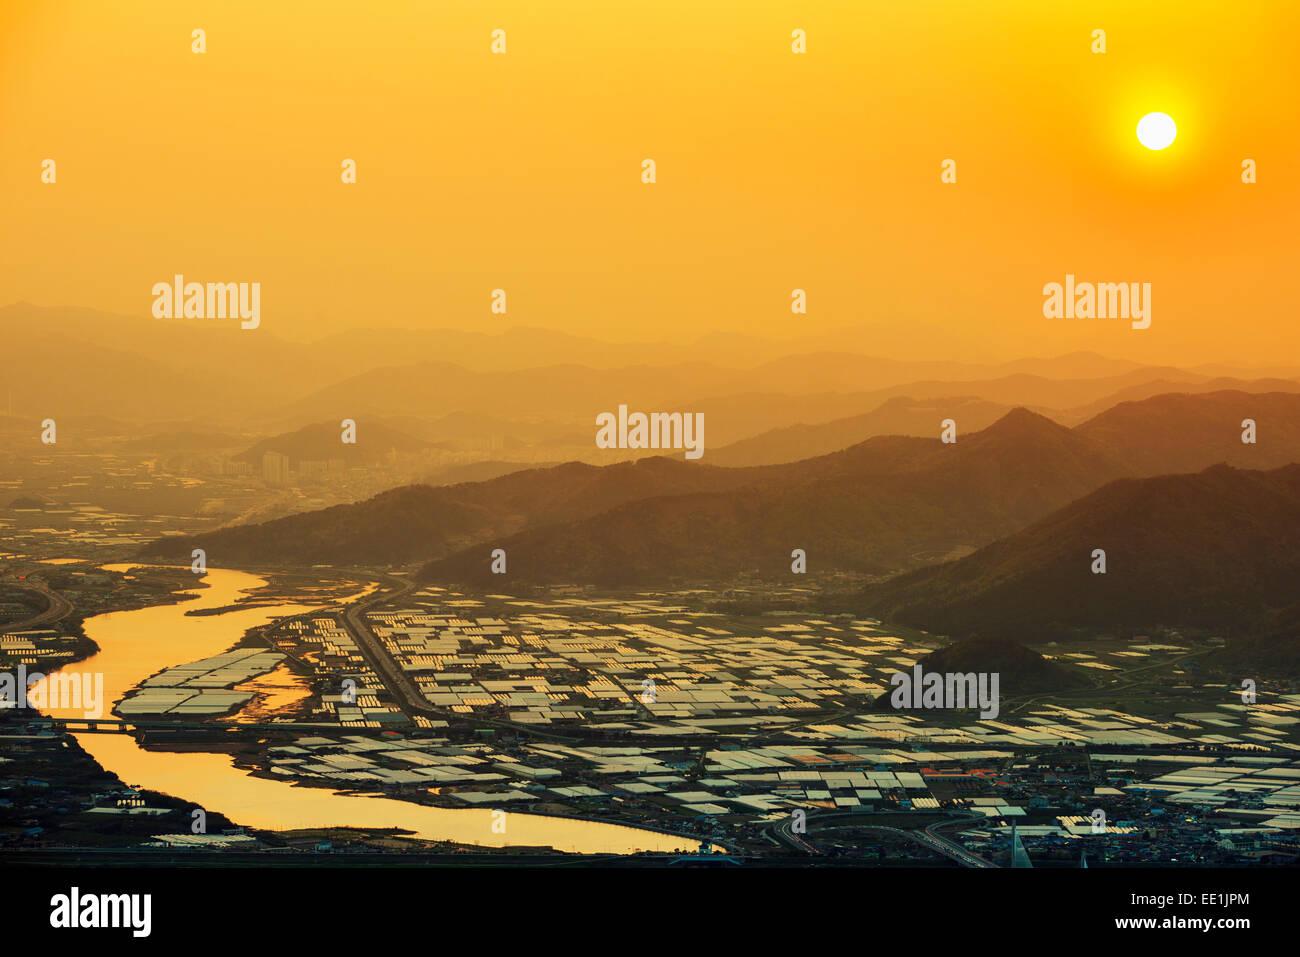 Sunset over city, Busan, South Korea, Asia - Stock Image